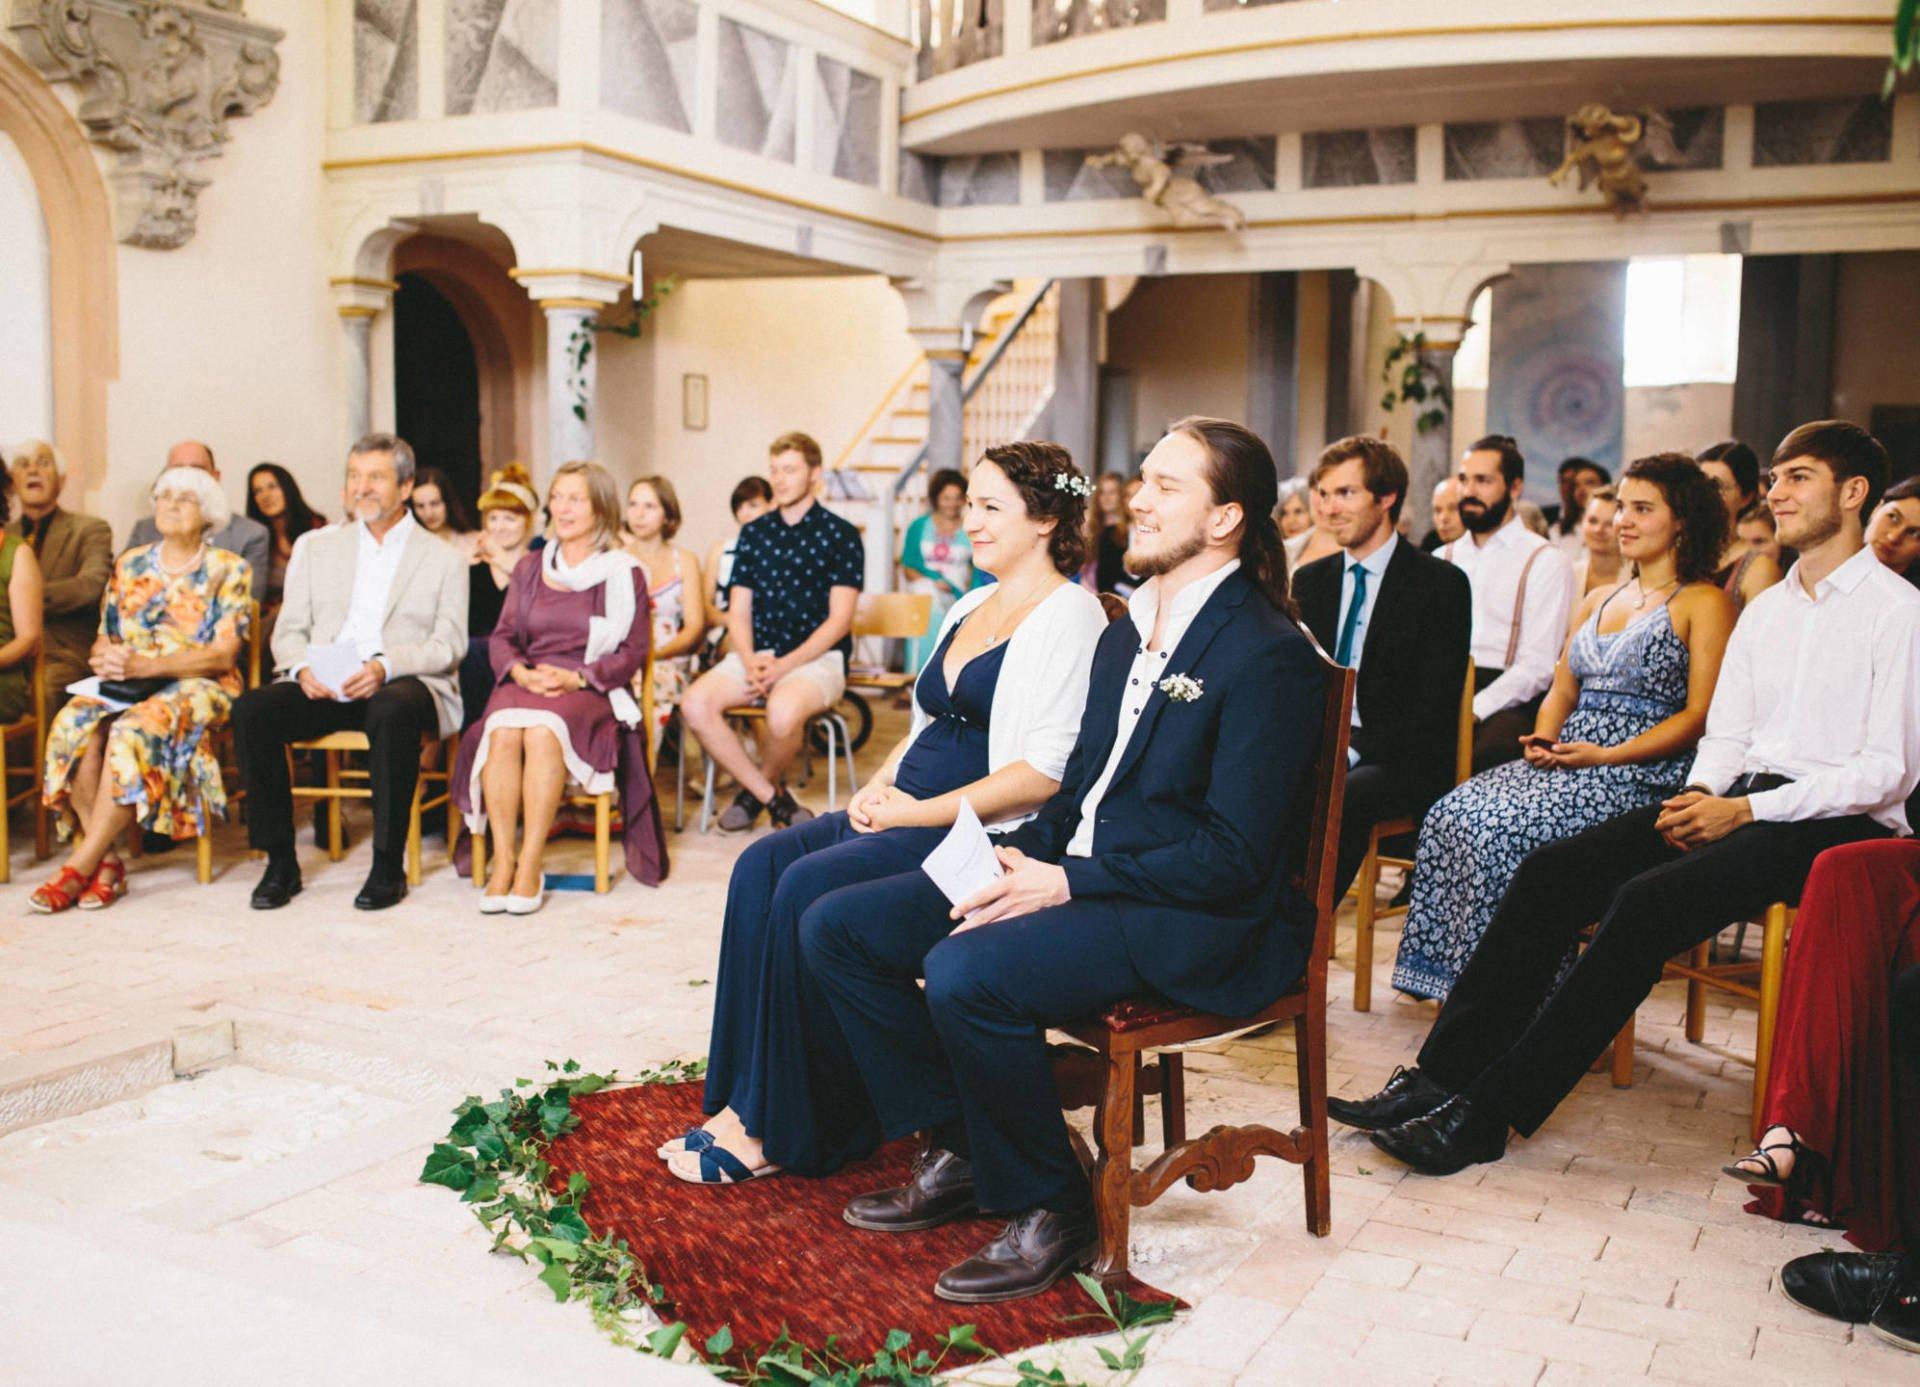 Hochzeitsreportage | Hochzeit in Kreuzgewölbe Schöngleina | 5